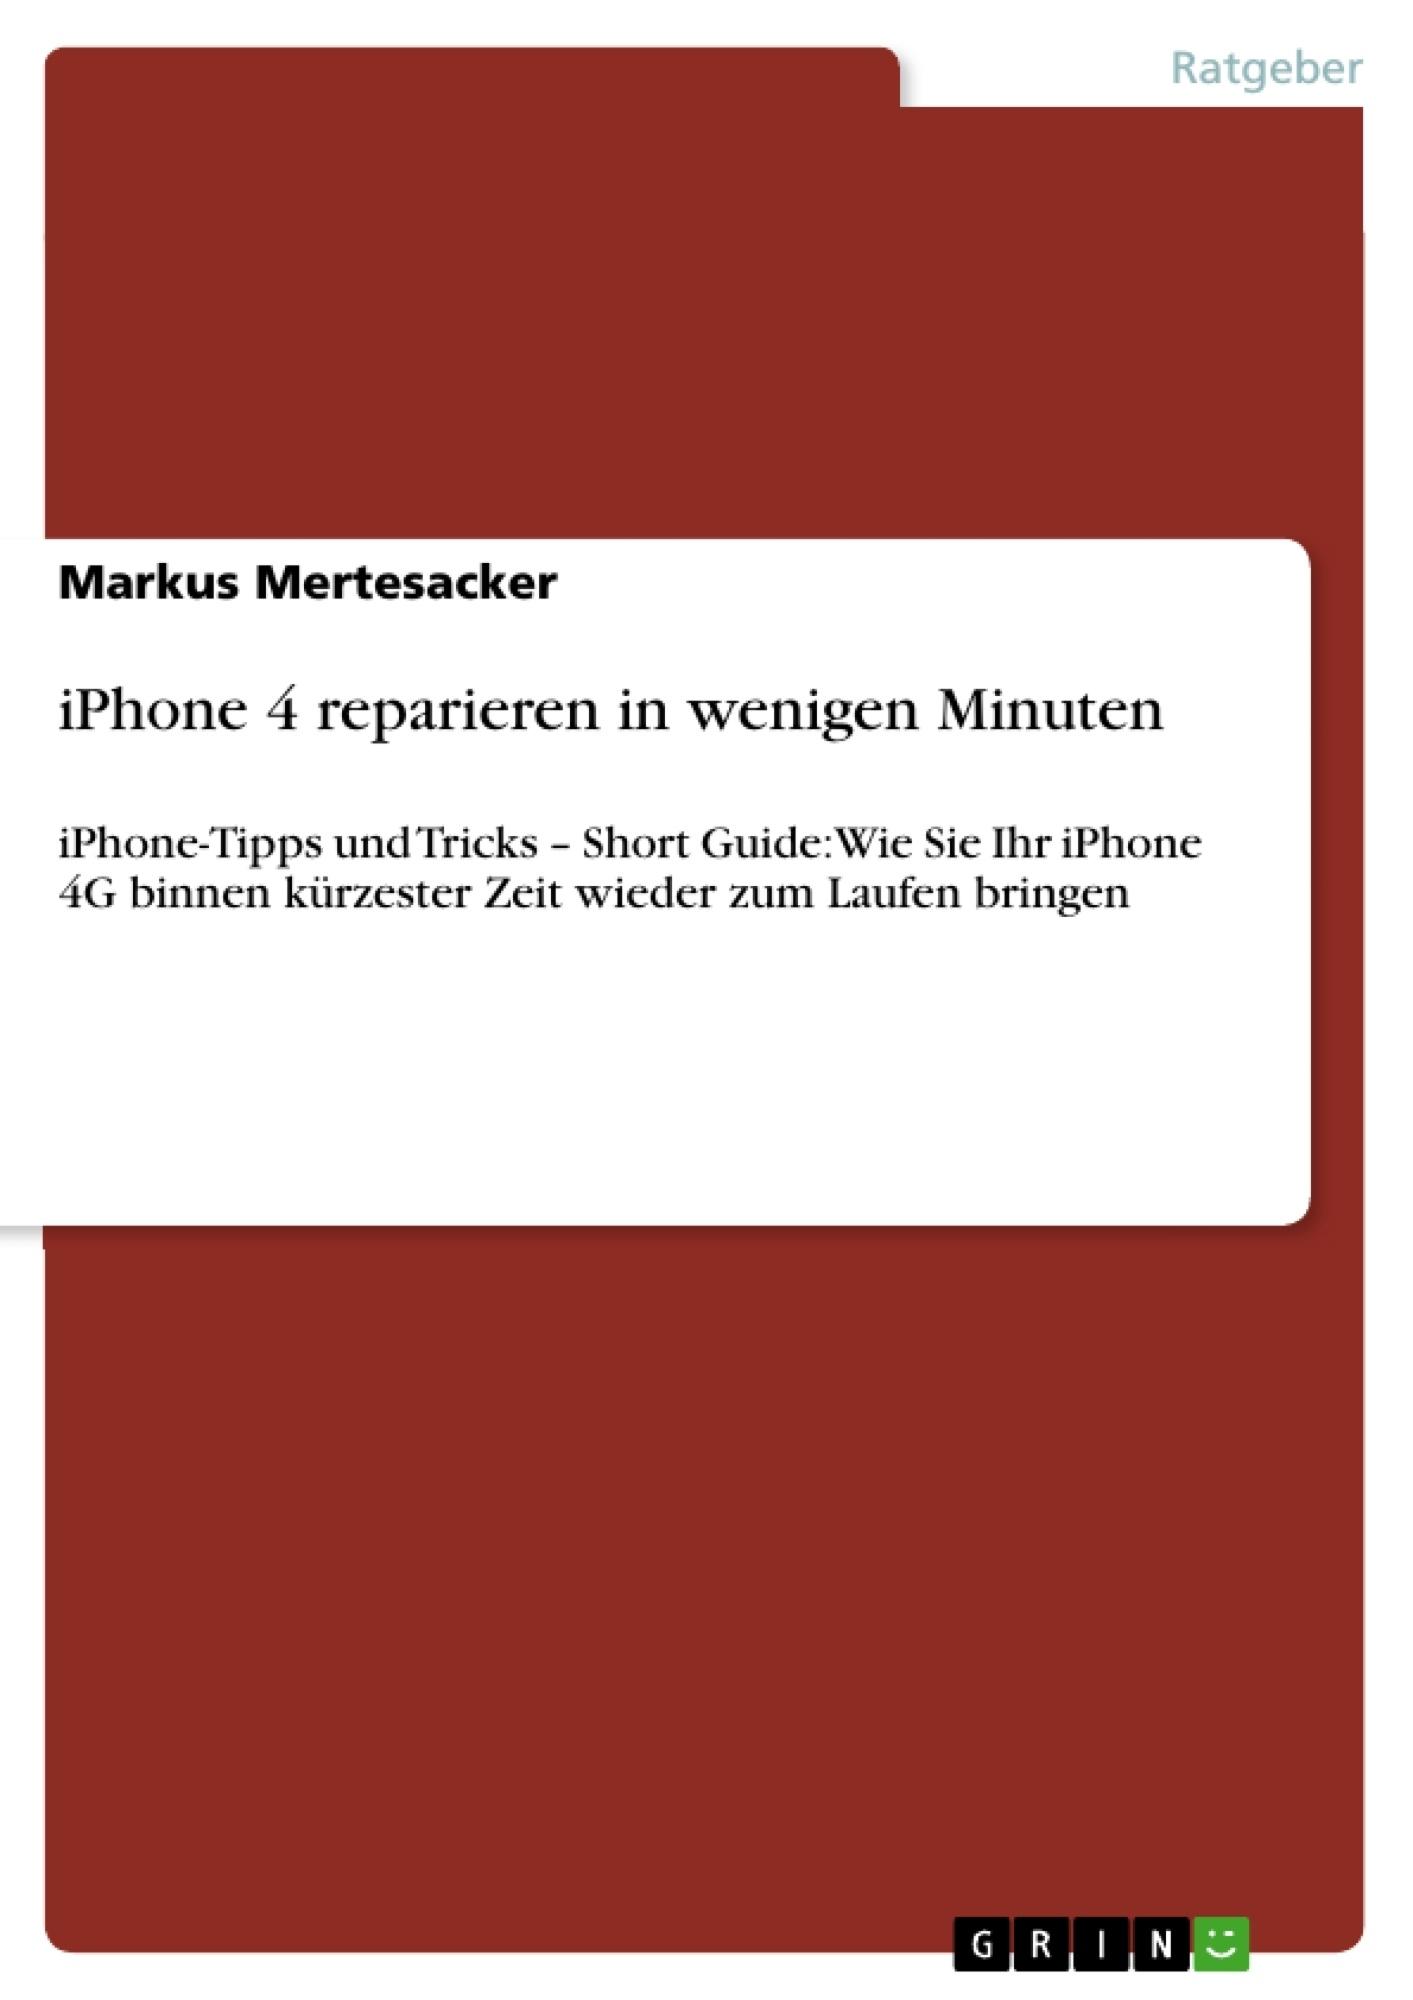 Titel: iPhone 4 reparieren in wenigen Minuten